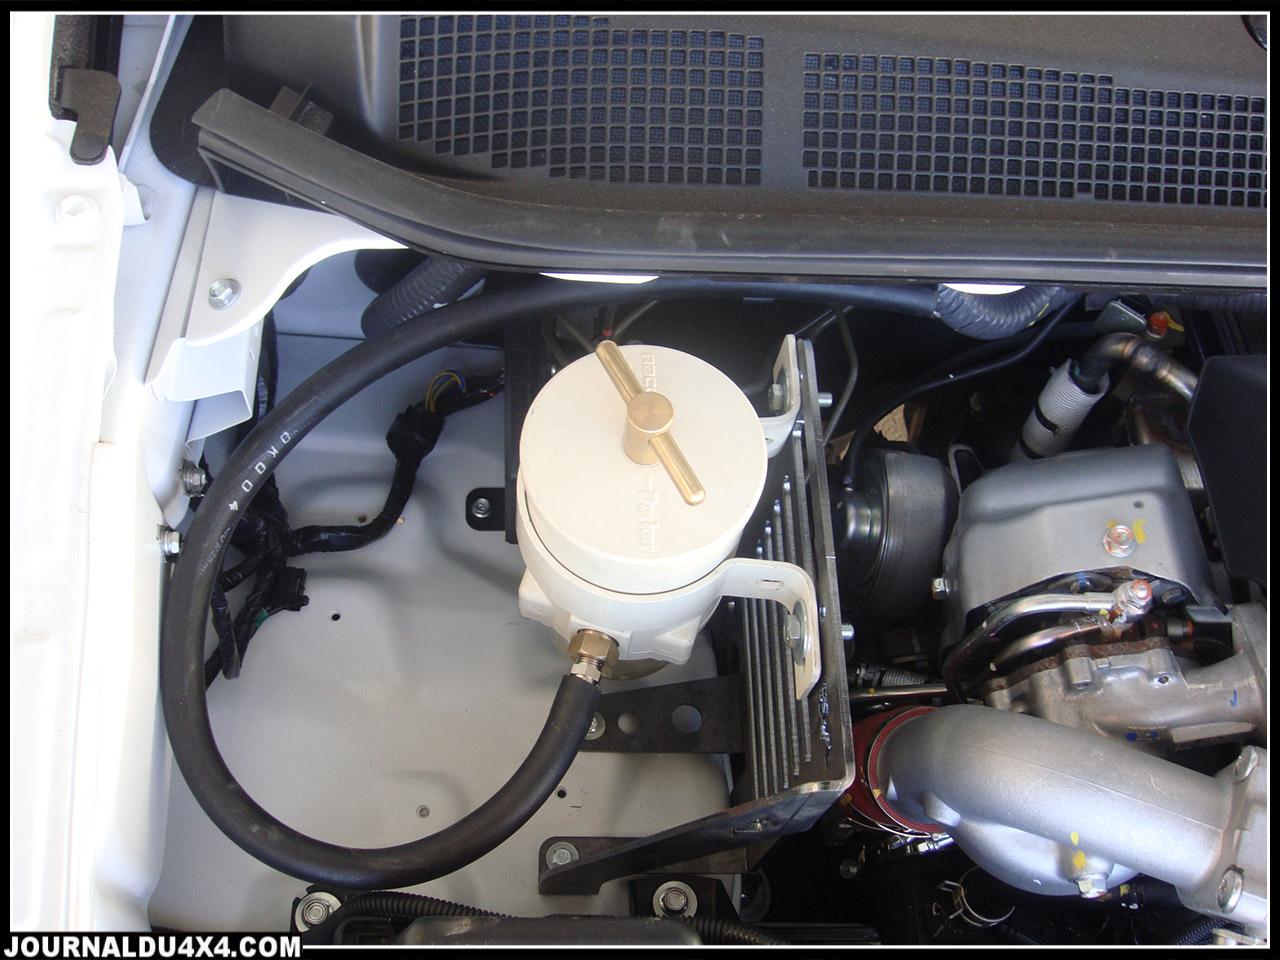 Kit de montage pré-filtre à gasoil RACOR 500FG pour Isuzu Dmax 2012